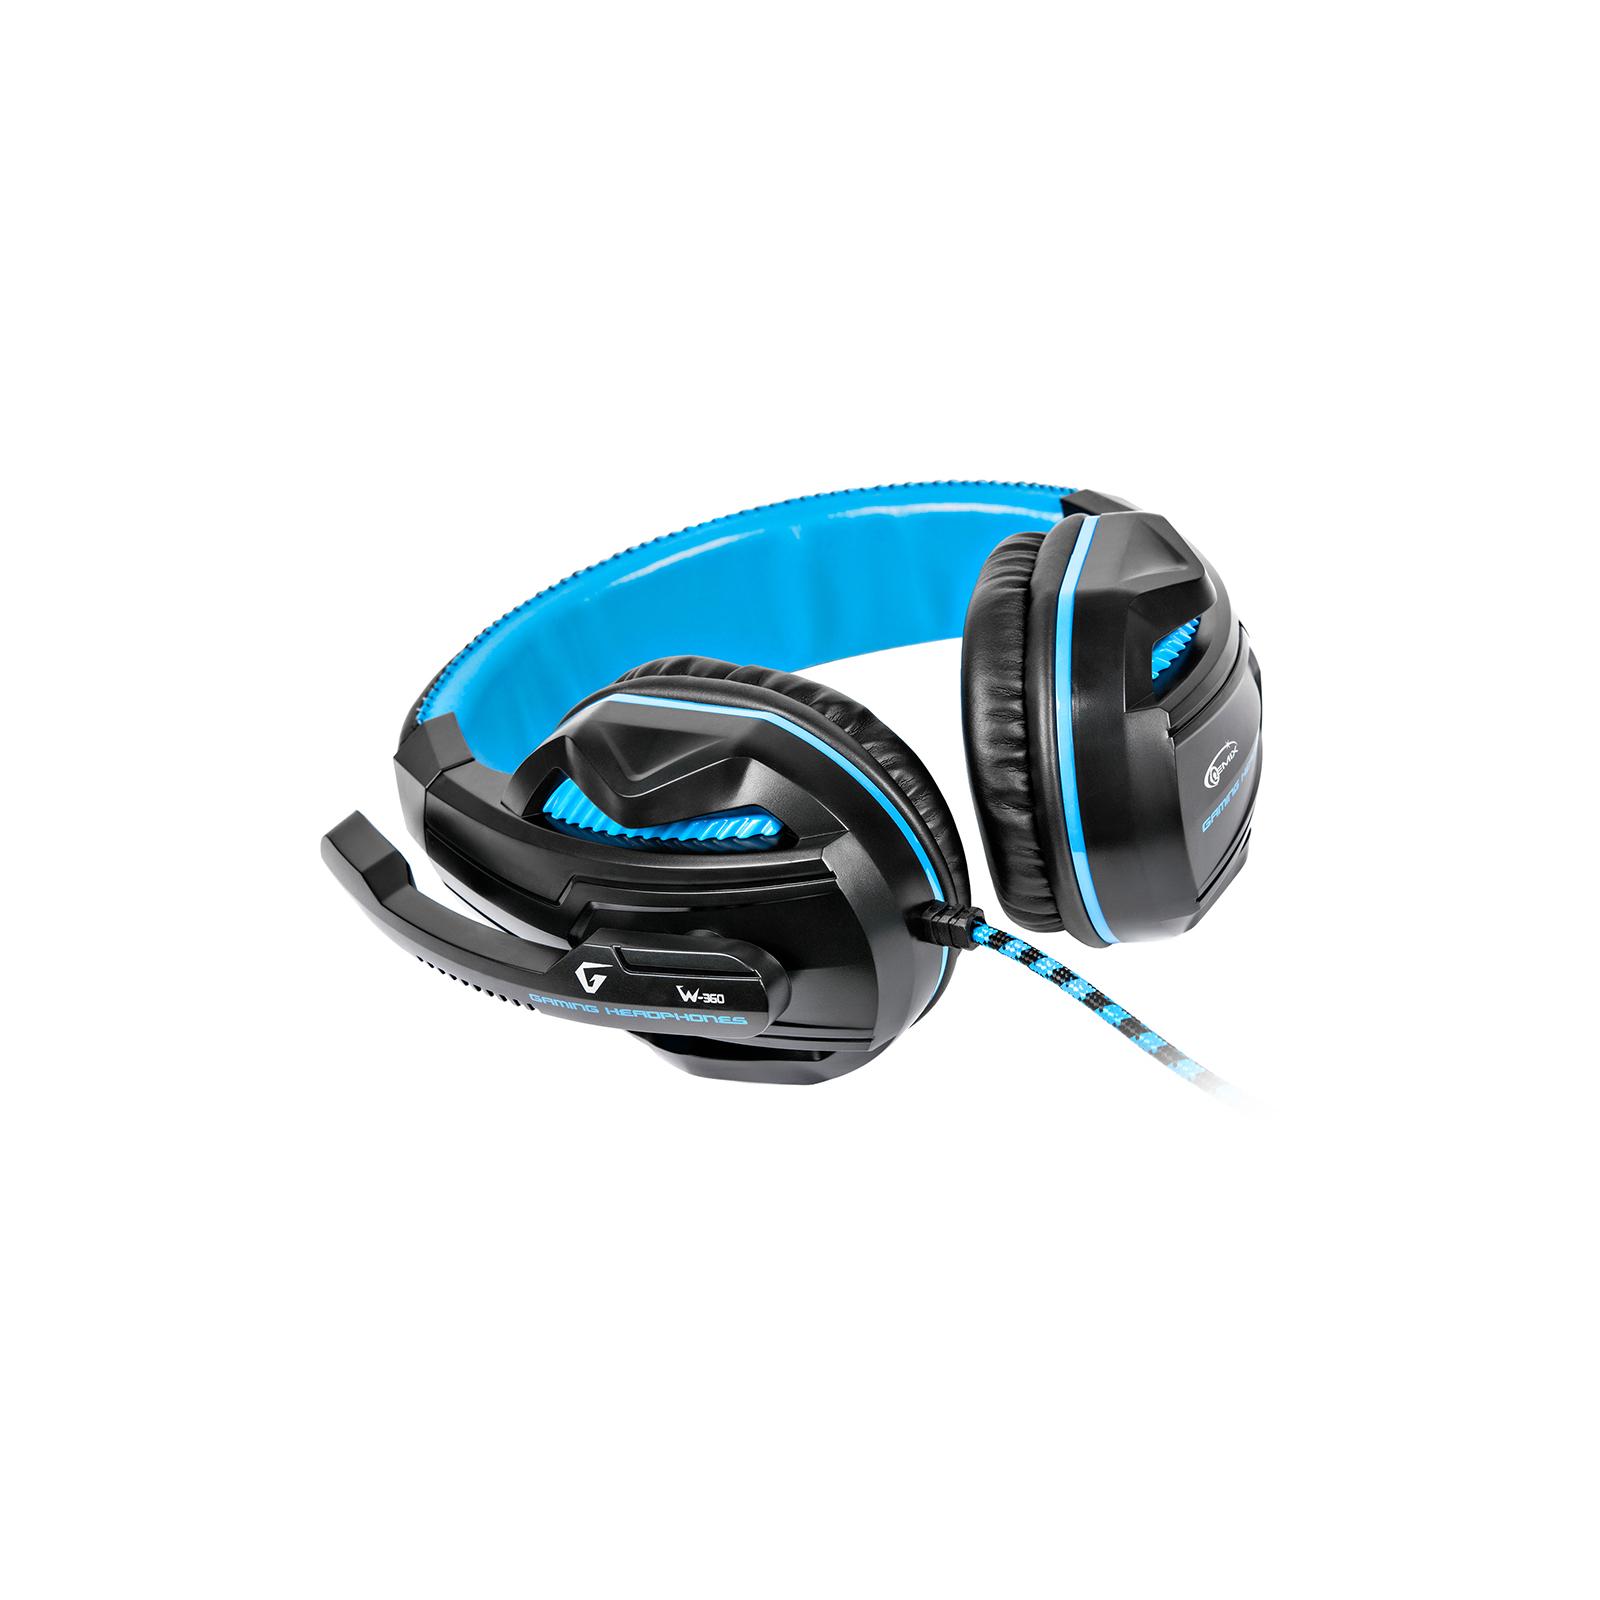 Наушники GEMIX W-360 black-blue изображение 7